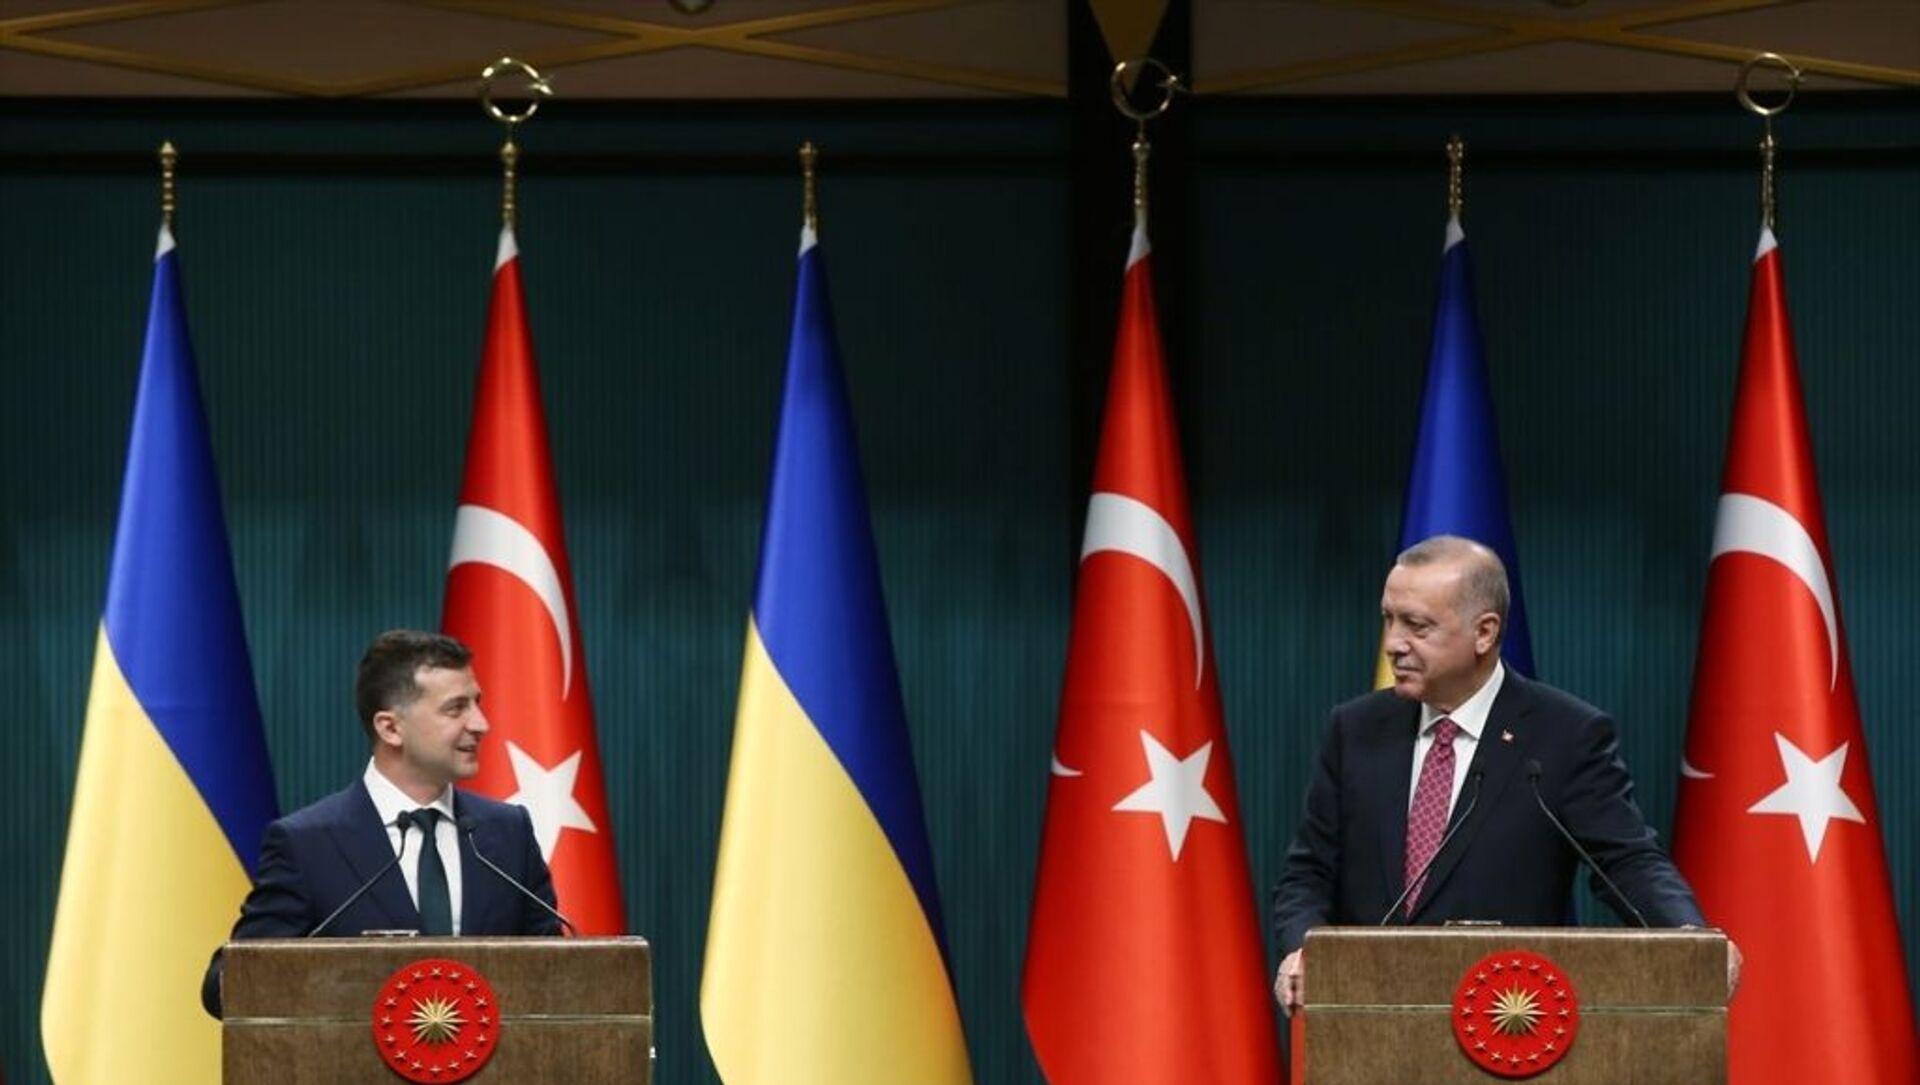 Türkiye Cumhurbaşkanı Recep Tayyip Erdoğan, Ukrayna Devlet Başkanı Vladimir Zelenskiy ile baş başa ve heyetlerarası görüşmeler sonrası ortak basın toplantısı düzenledi. - Sputnik Türkiye, 1920, 30.07.2021